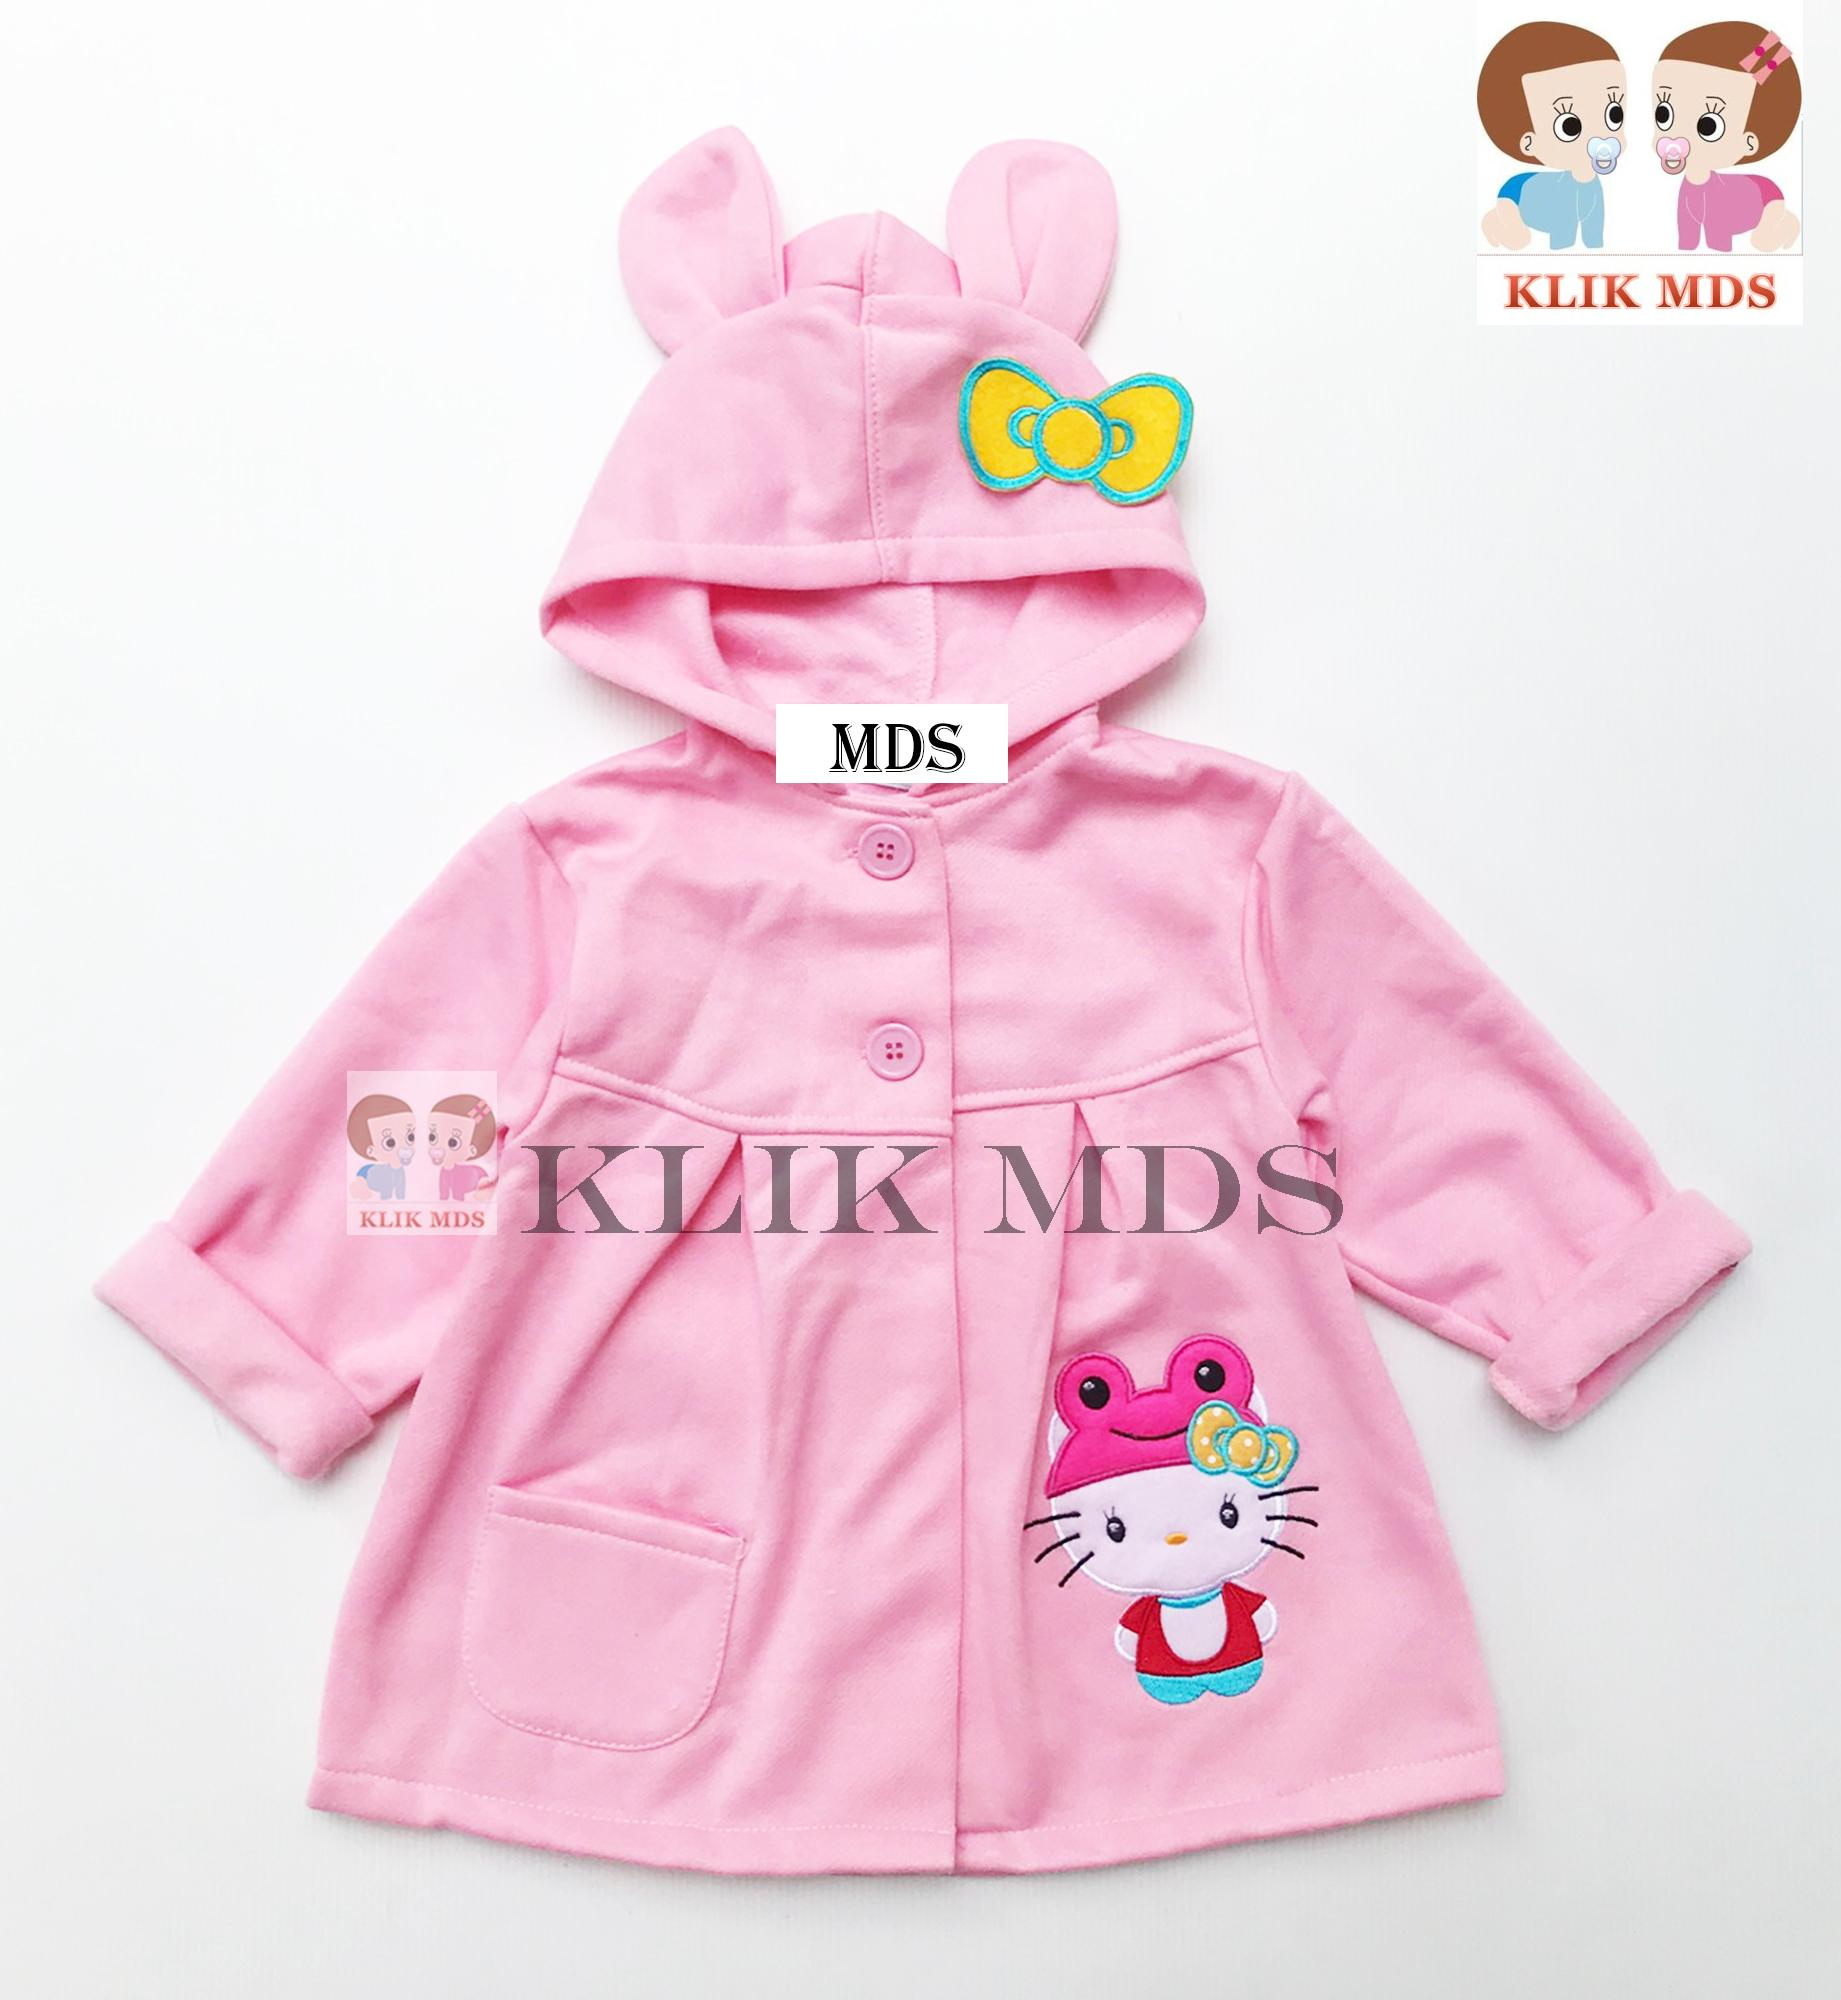 Klik Mds Jaket Hoodie Bayi Perempuan Motif Karakter Hello Kitty / 2 Ukuran By Klik Mds.